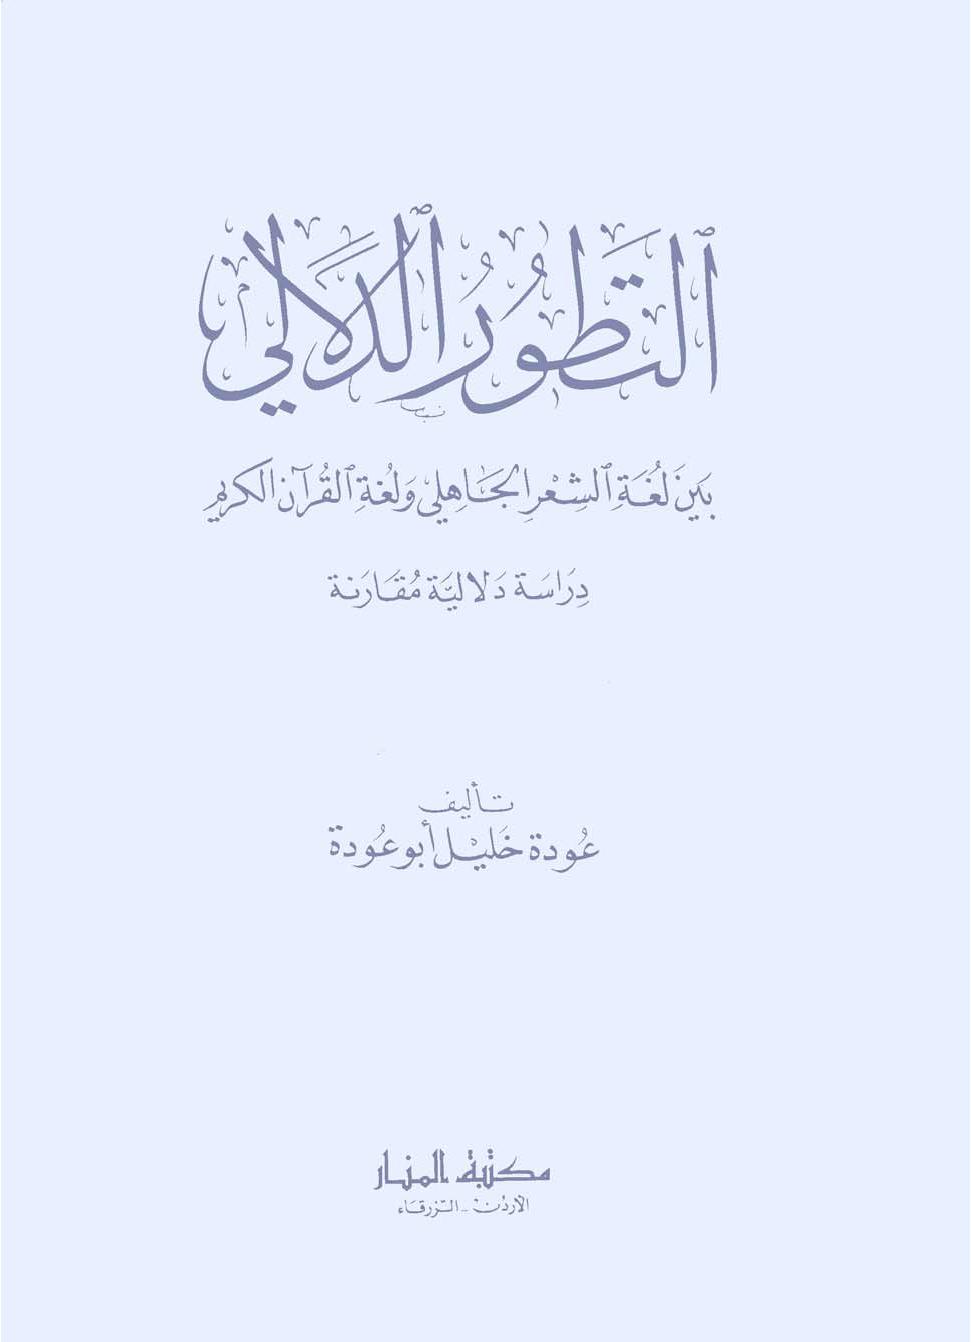 تحميل كتاب التطور الدلالي بين لغة الشعر الجاهلي ولغة القرآن الكريم (دراسة دلالية مقارنة) لـِ: الدكتور عودة خليل أبو عودة